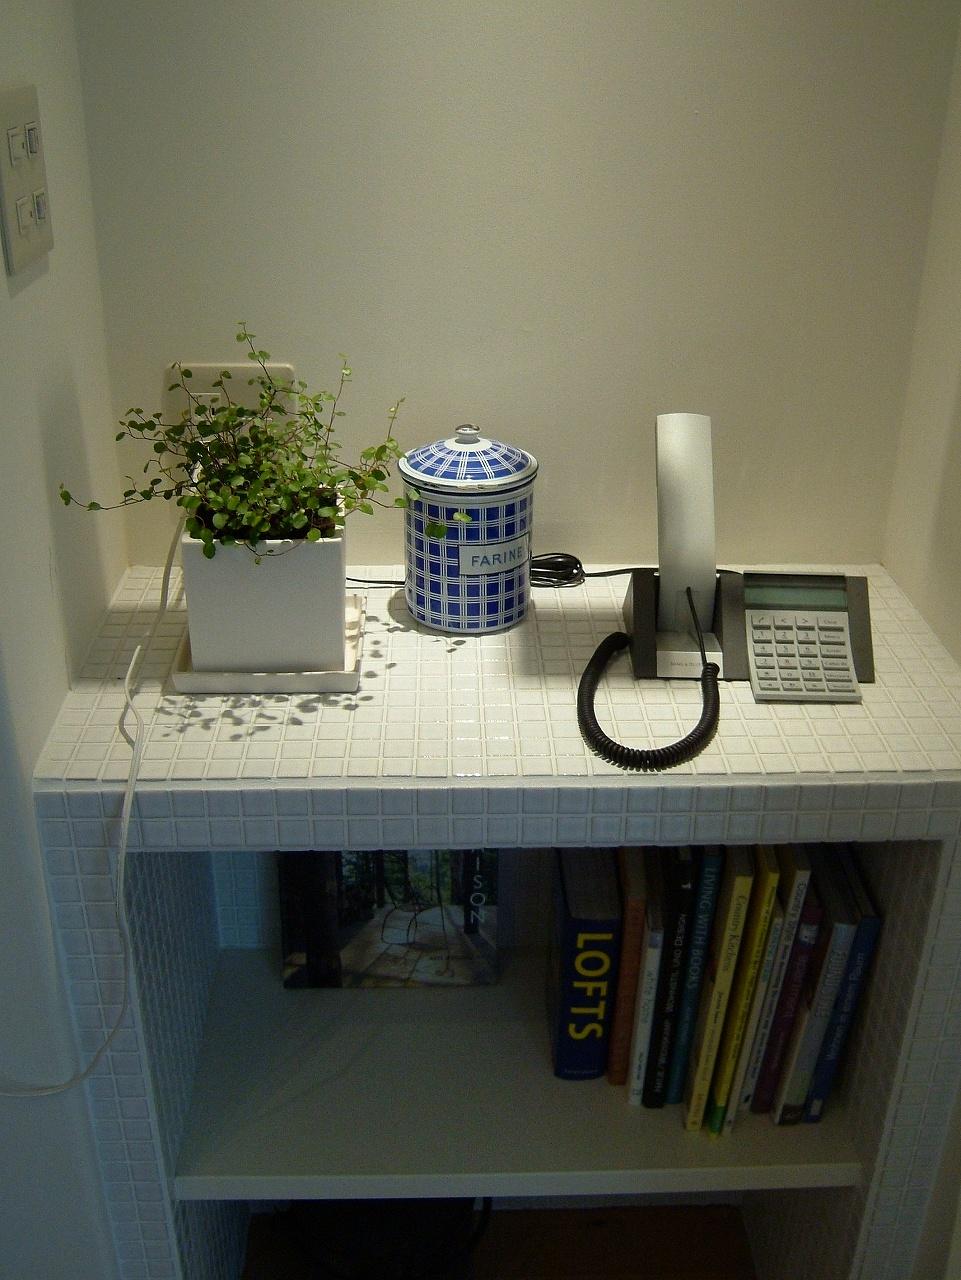 収納棚も造作で、壁の間に収まるように設計。